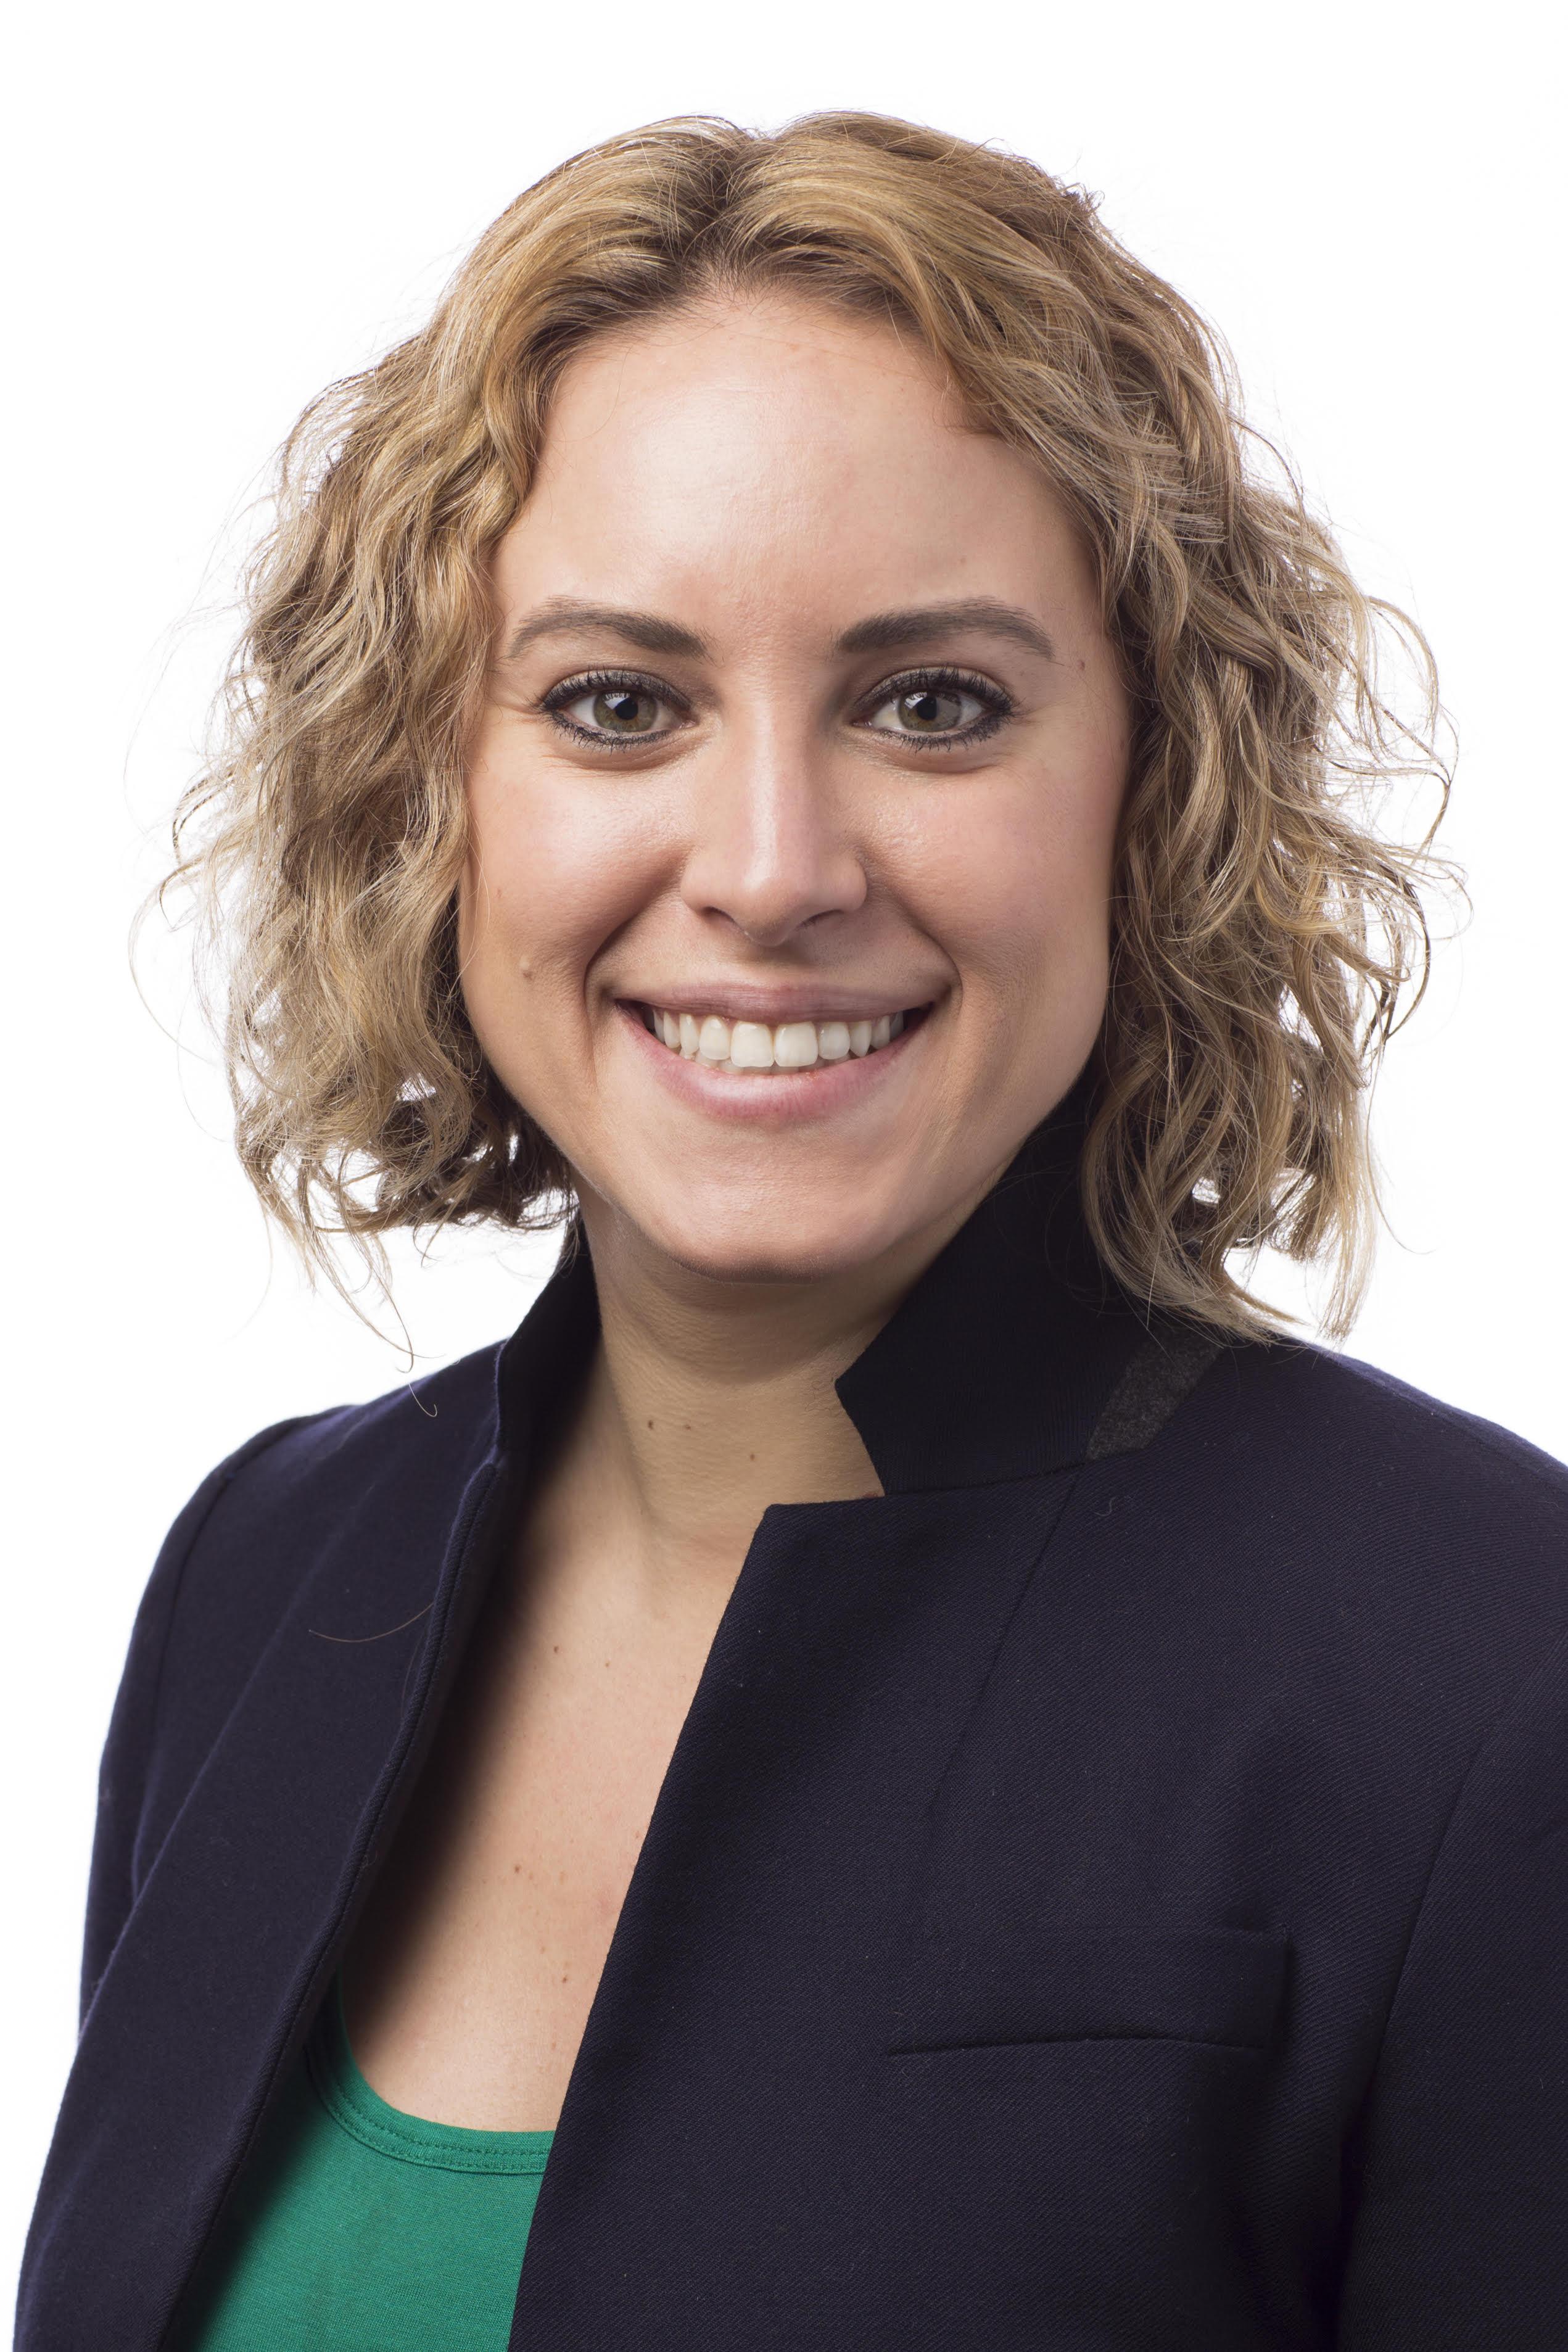 Sara Ross